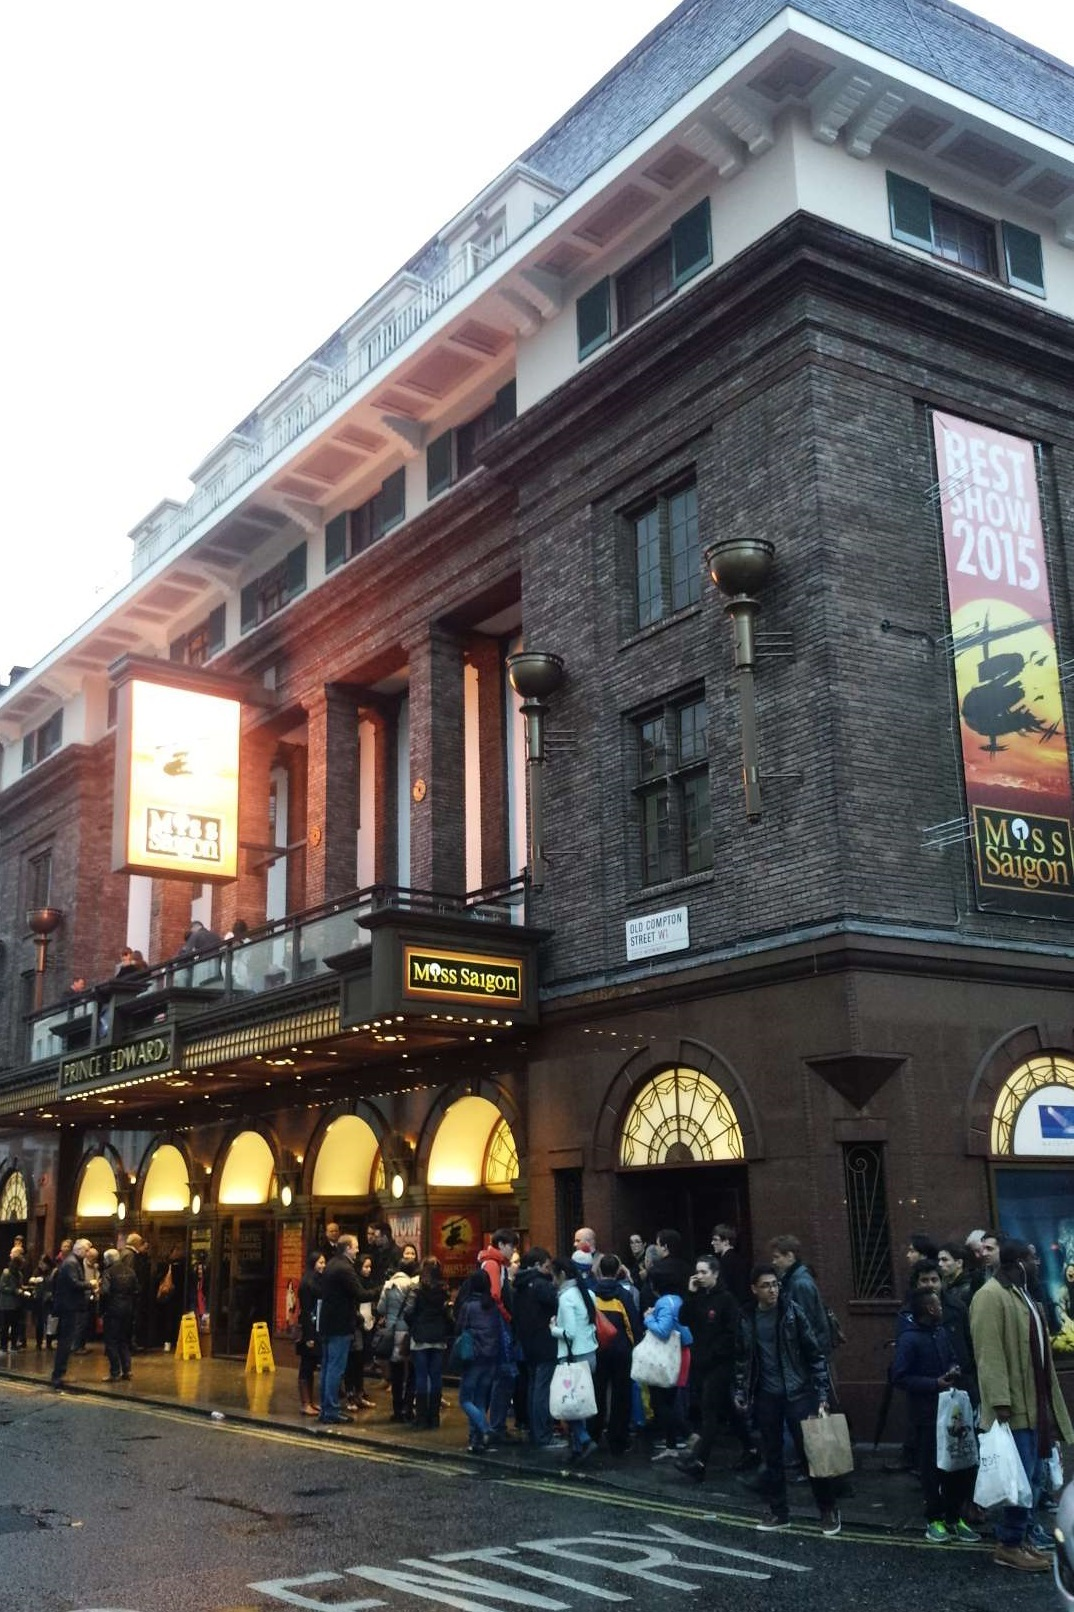 『ミス・サイゴン』を上演中のプリンス・エドワード劇場(ロンドン)